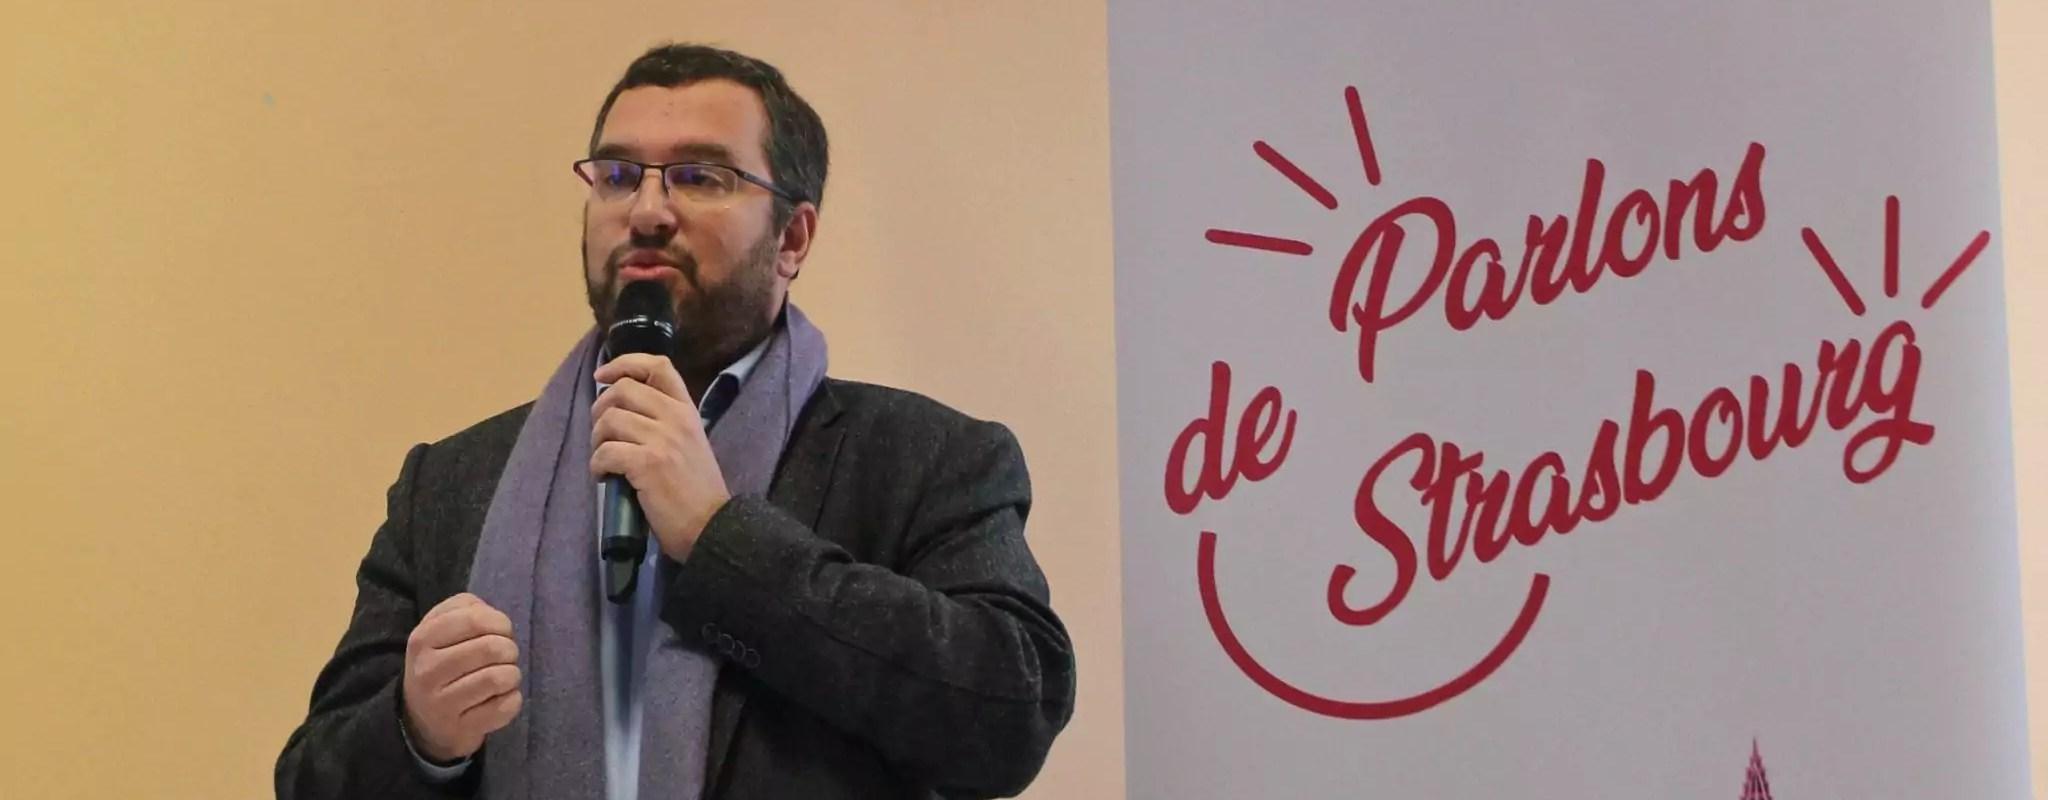 Municipales: Mathieu Cahn quitte la liste «Faire ensemble Strasbourg»